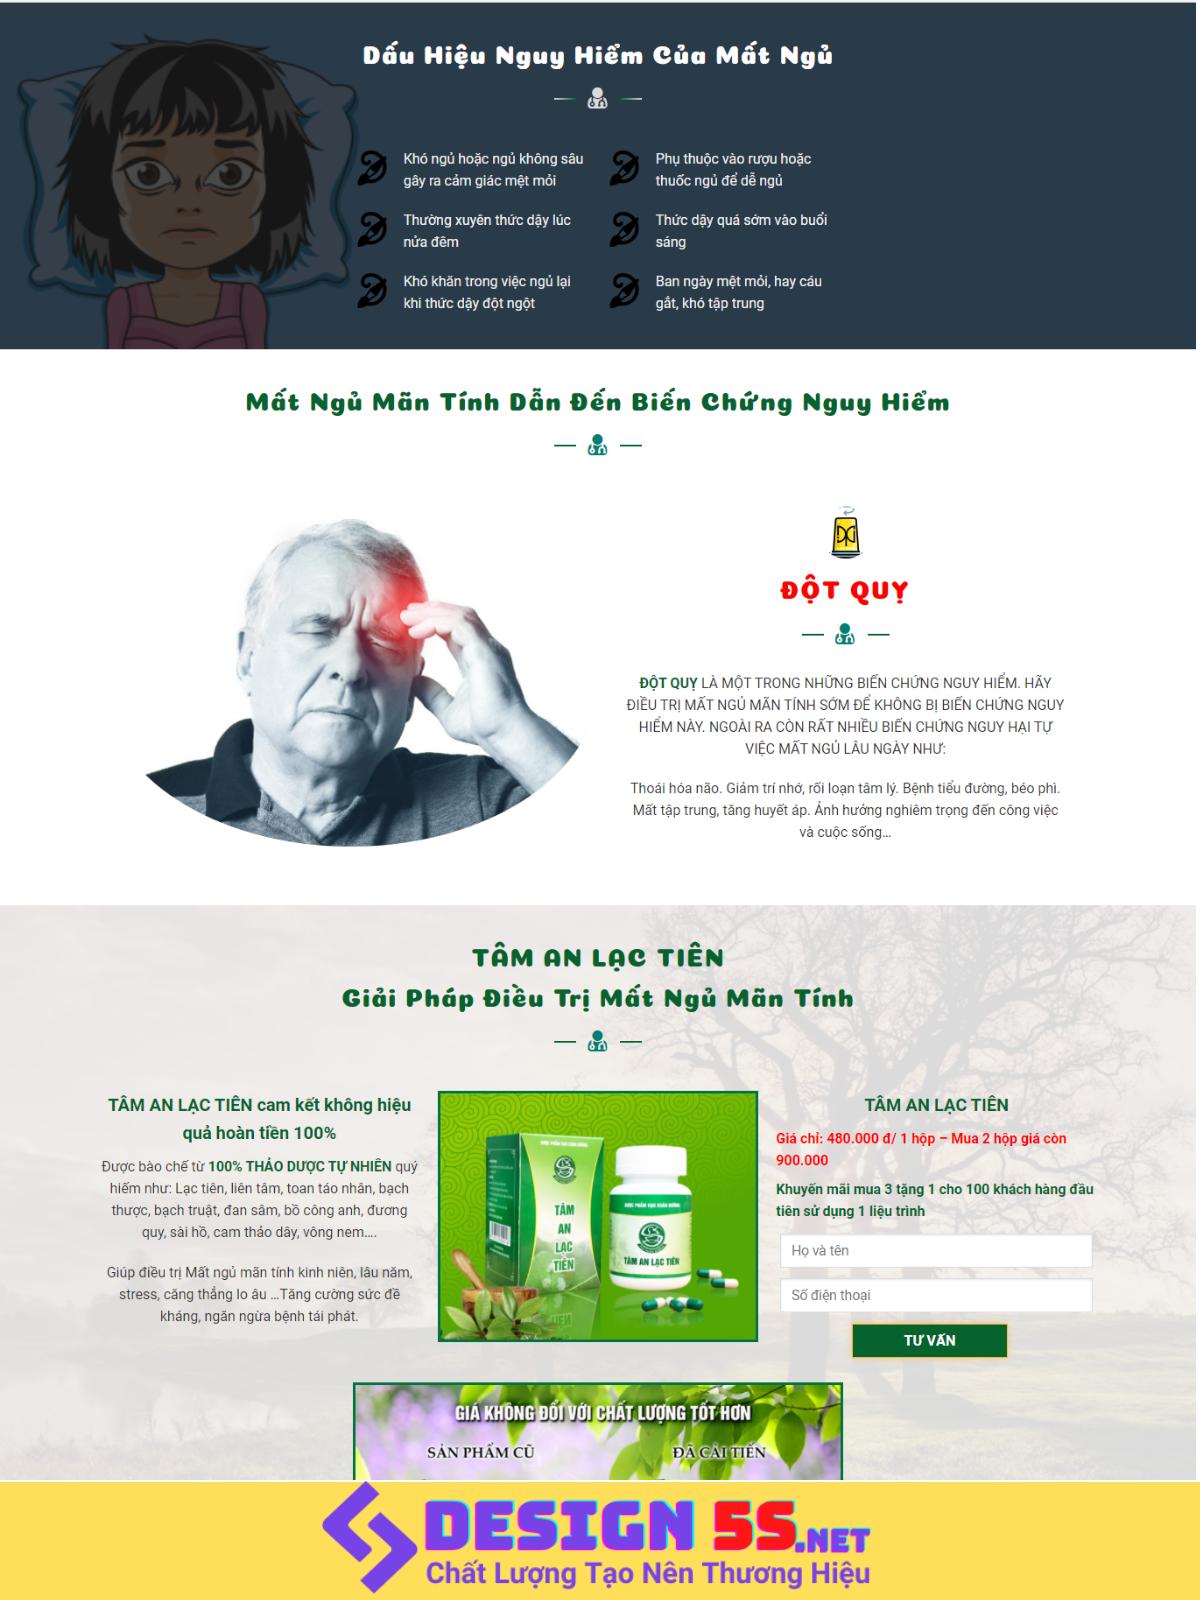 Theme blogspot flatsome bán thuốc V2, VSM96 - Ảnh 2